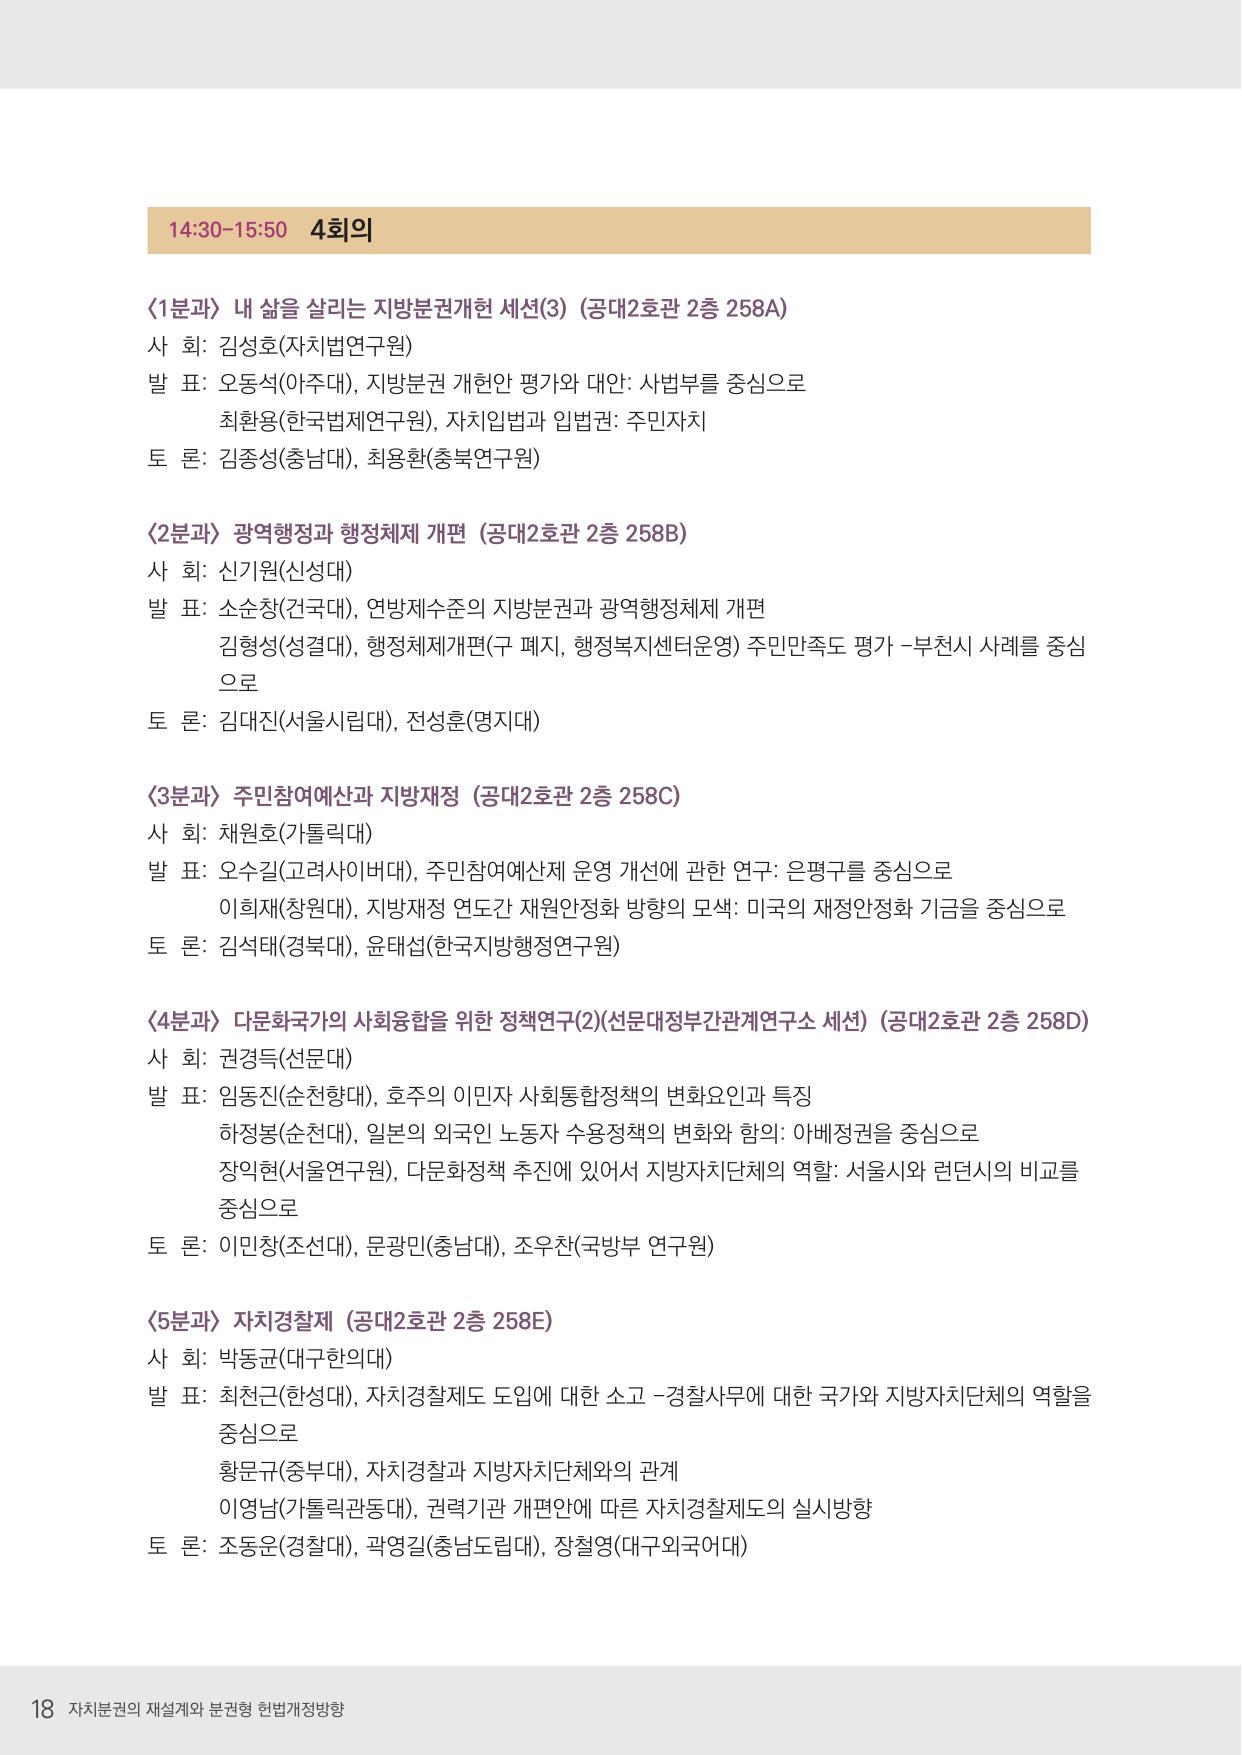 초청장_동계학술대회_한국지방자치학회(최종본)-18.jpg